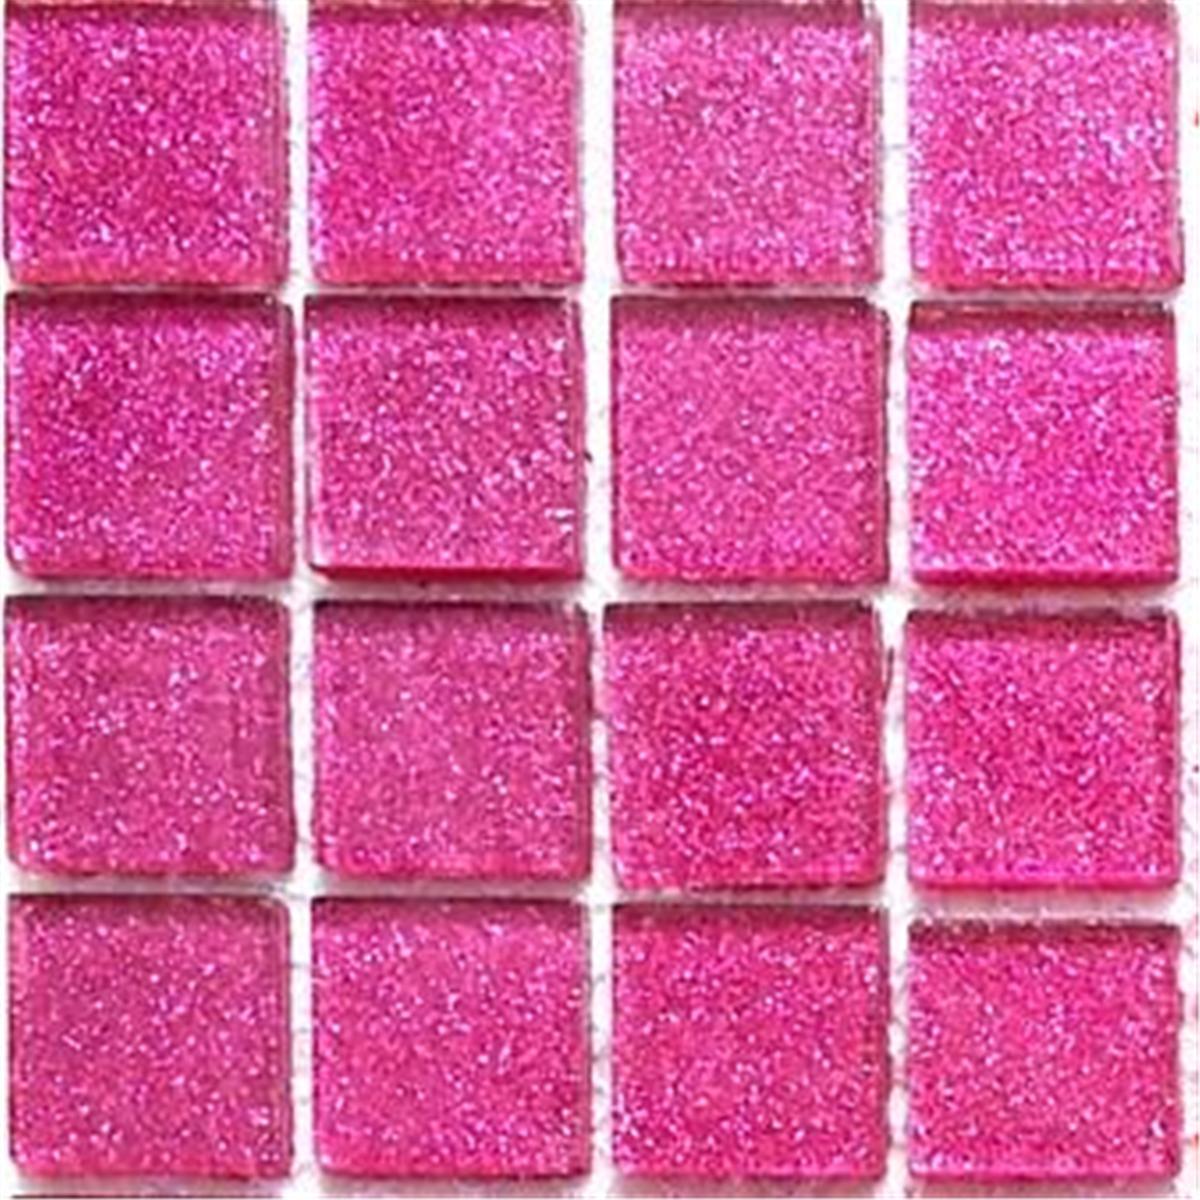 Pink ceramic tile